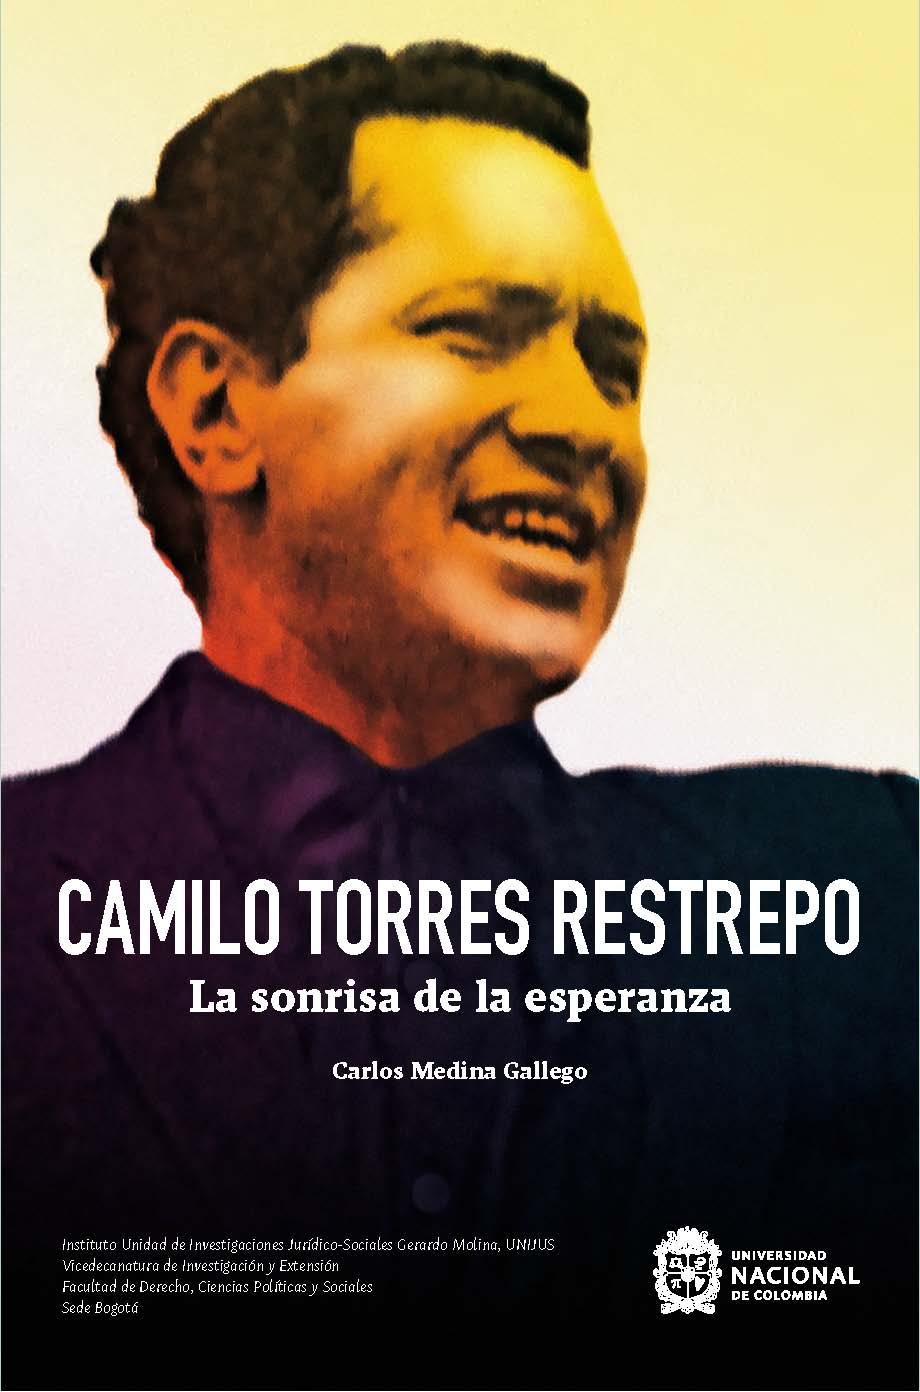 Camilo Torres Restrepo. La sonrisa de la esperanza